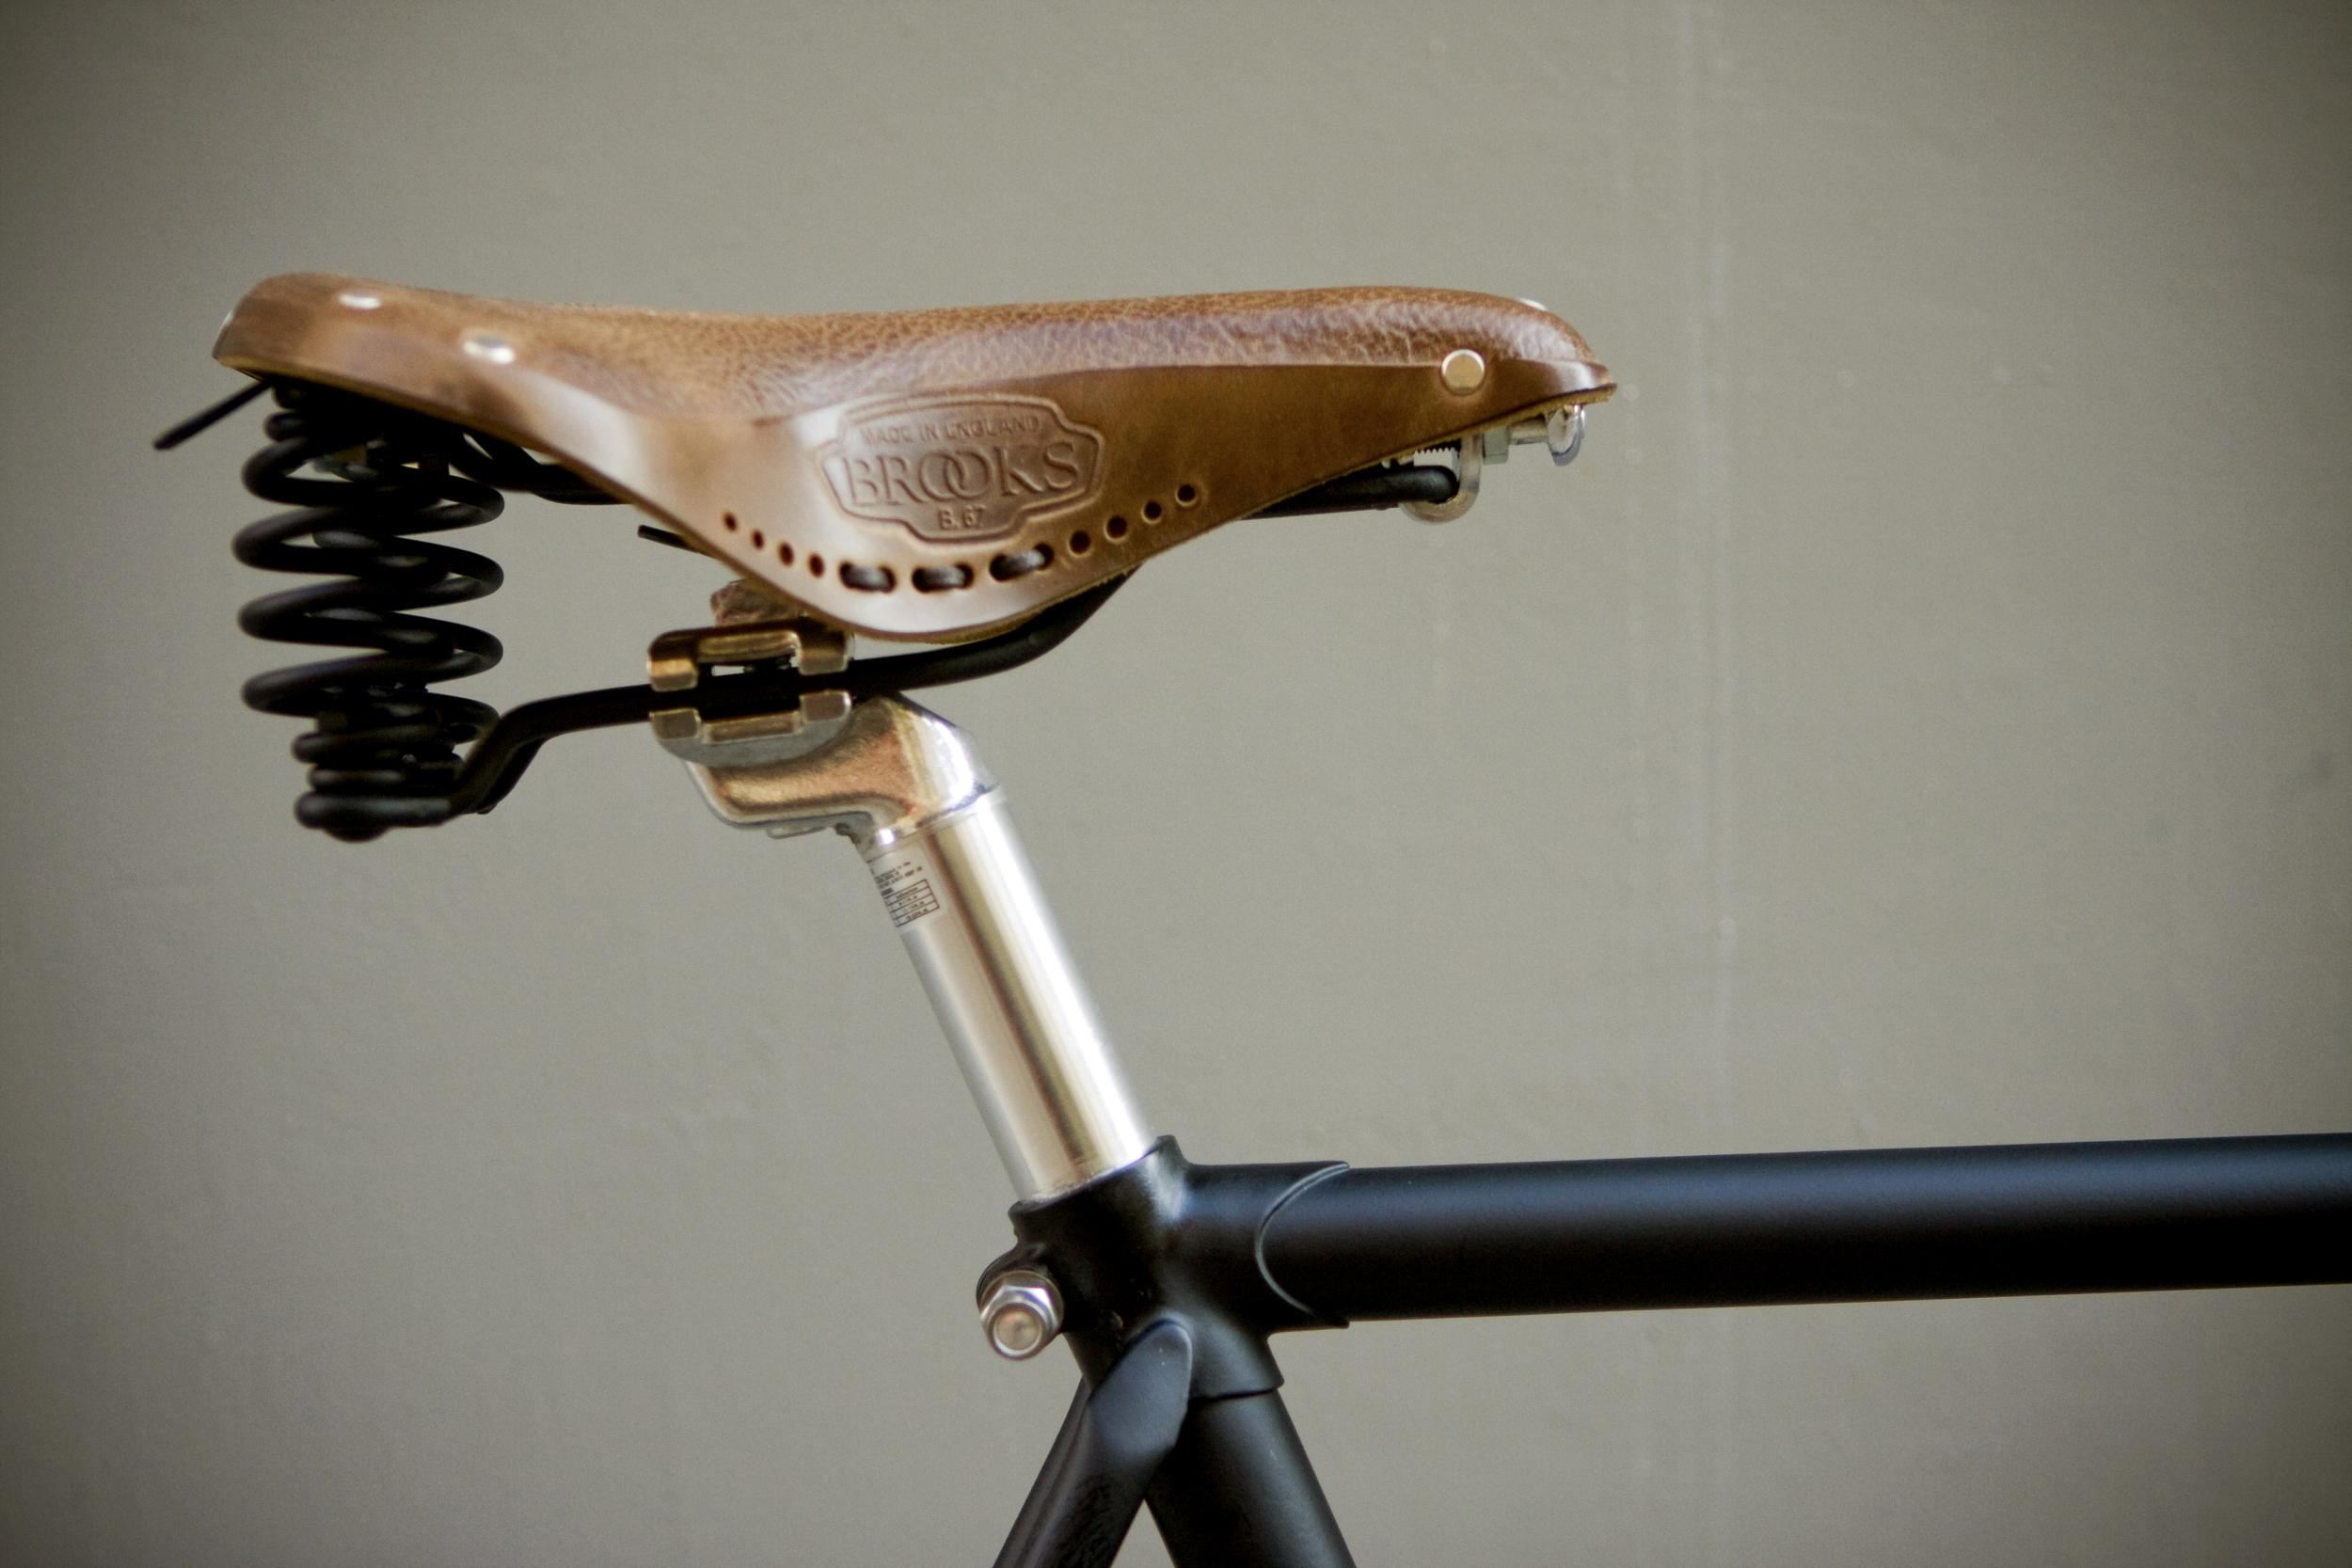 Waarmakers x Azor Bike - Schokland 5.jpg